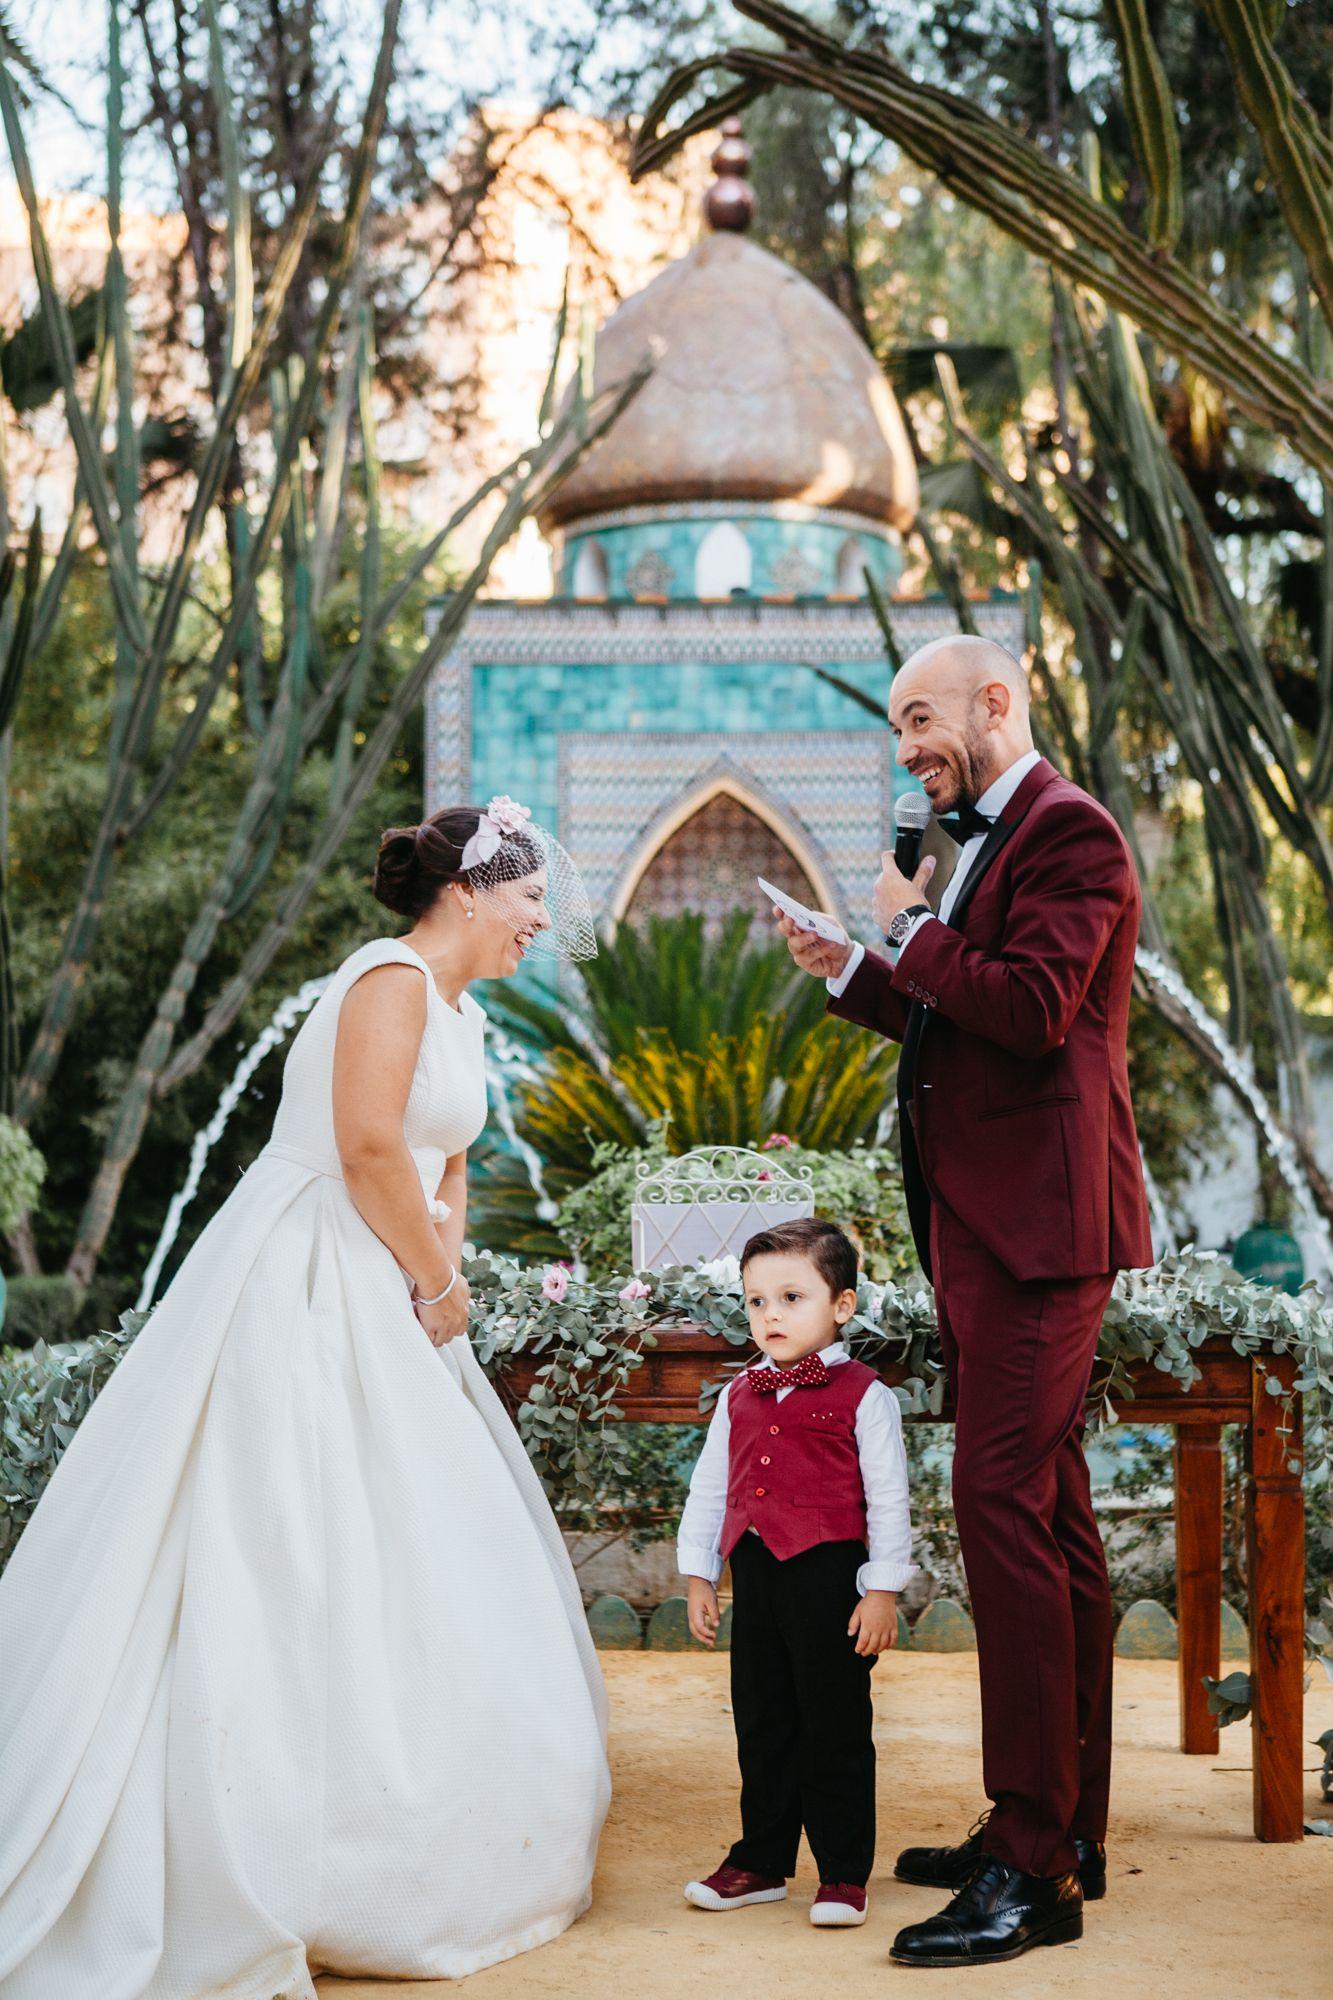 La boda de Amanda y Jorge en Villa Luisa